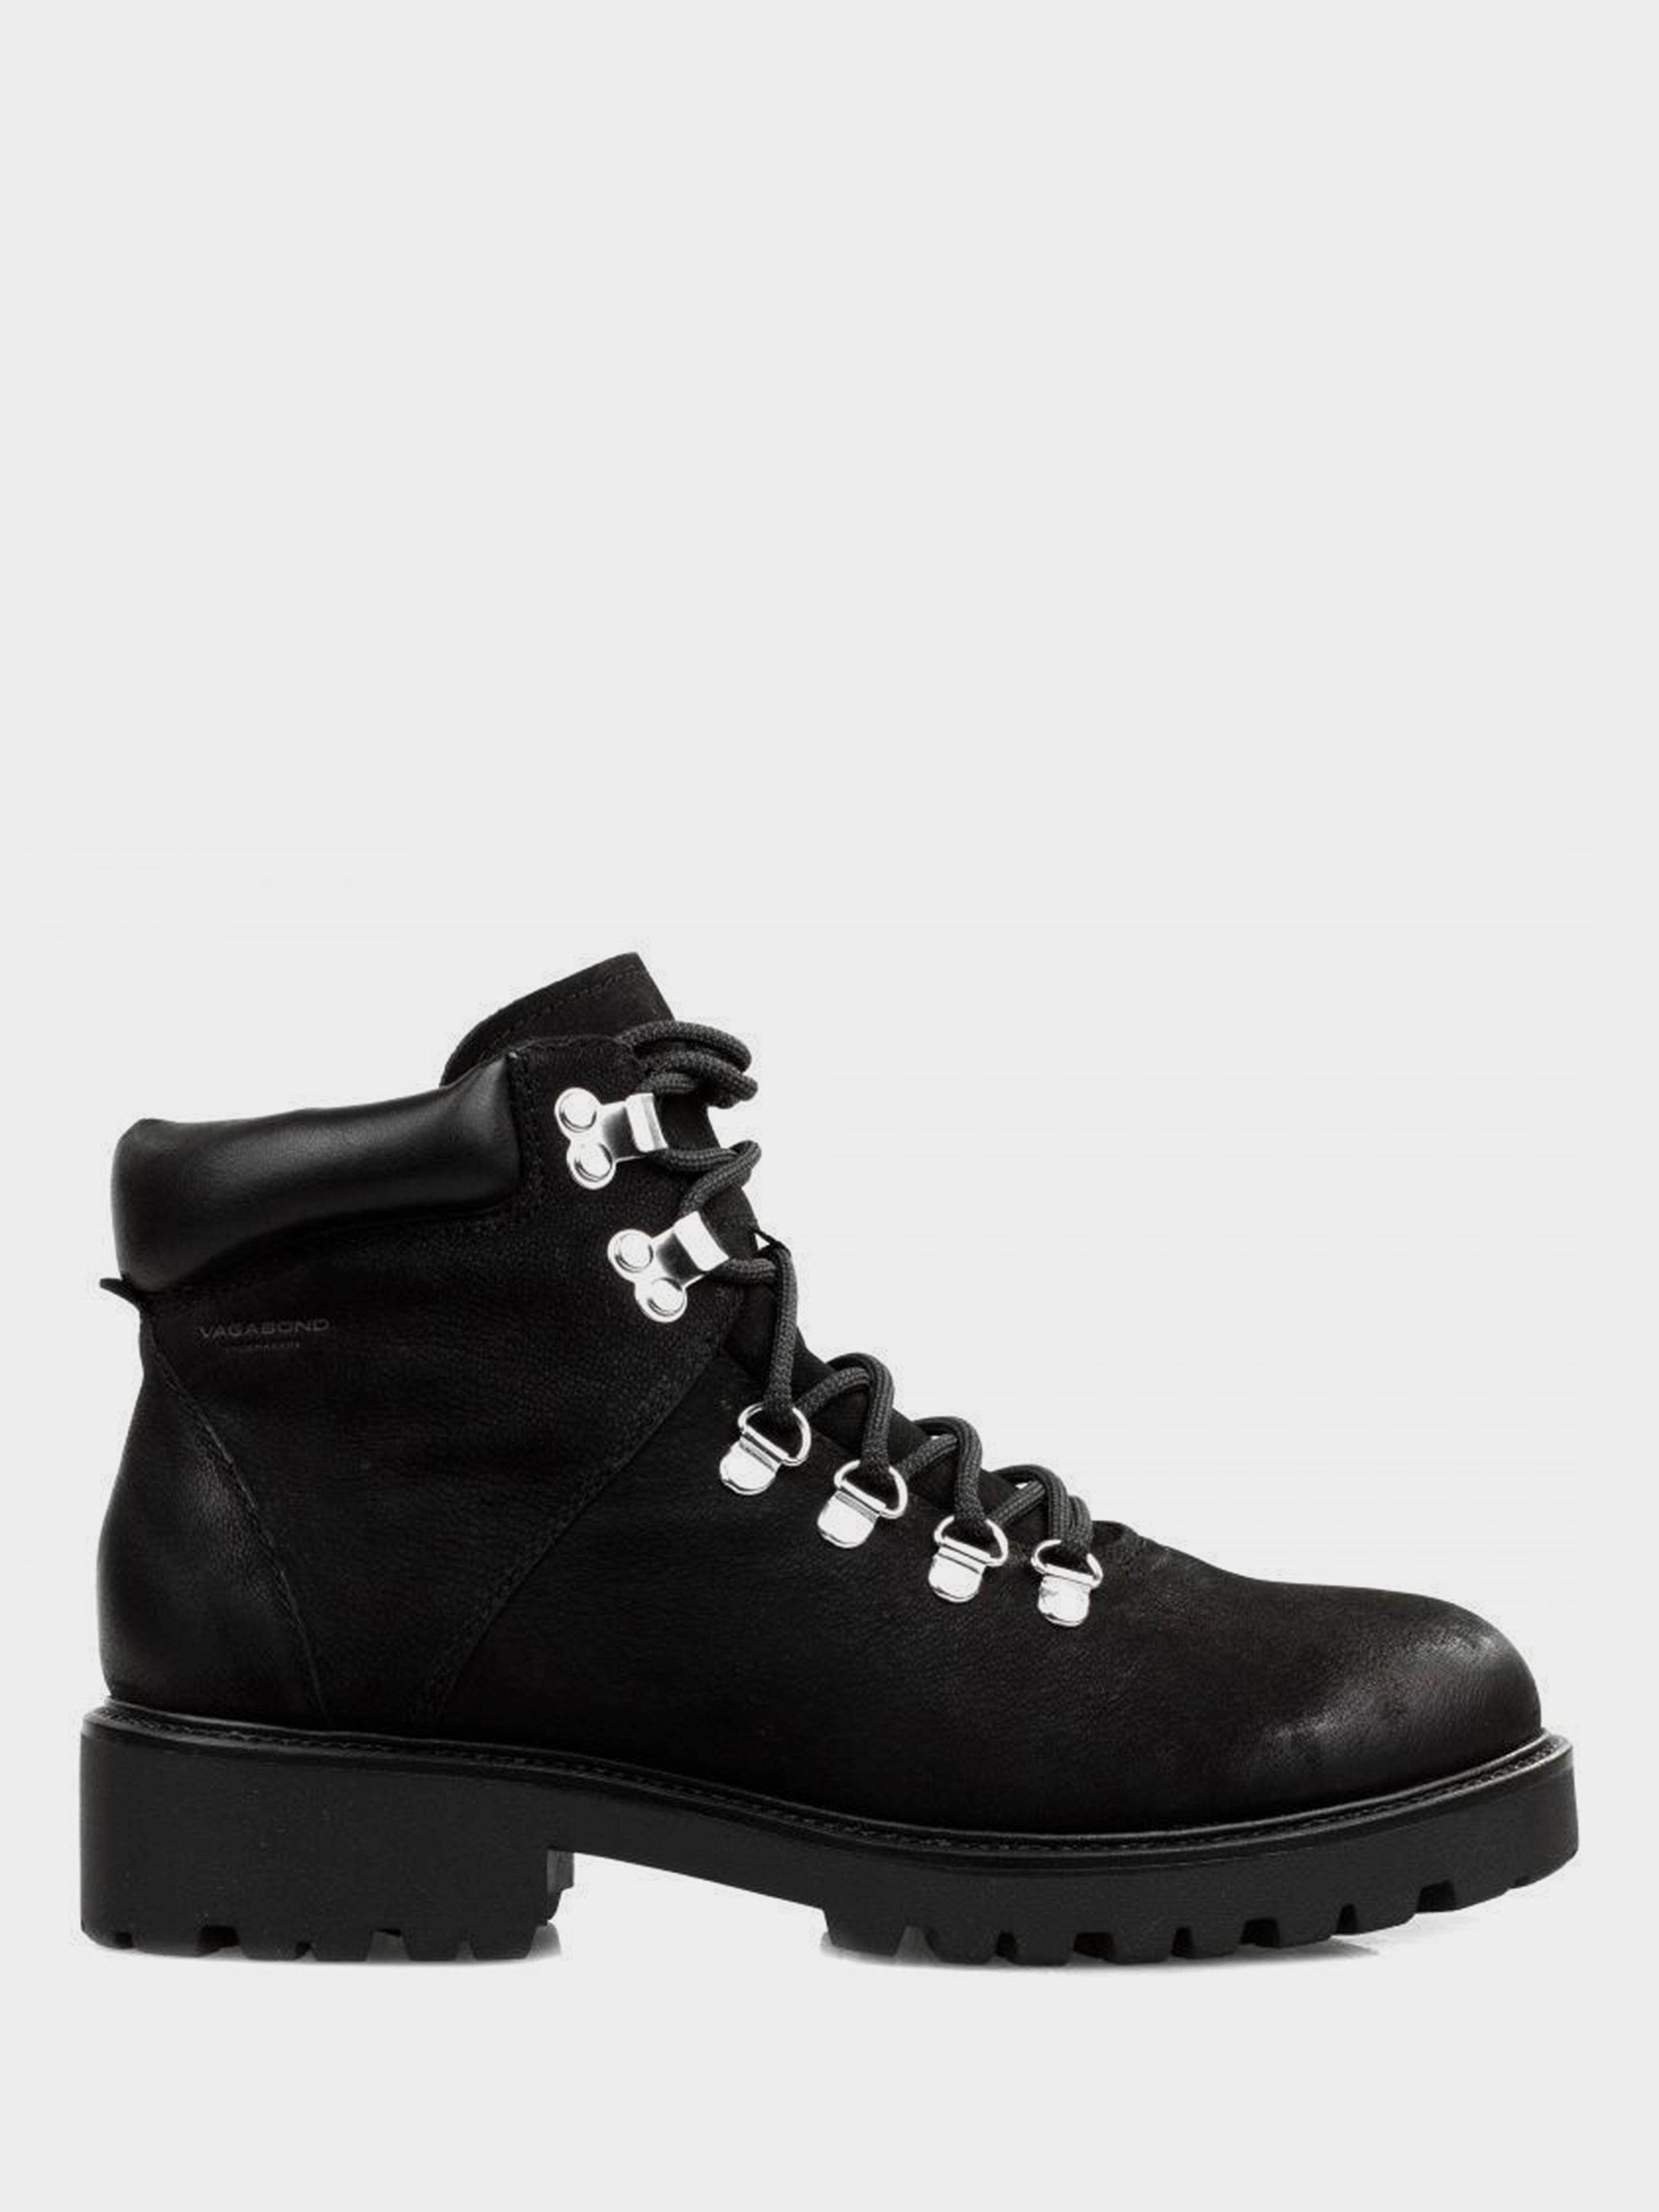 Ботинки для женщин VAGABOND KENOVA VW5249 брендовая обувь, 2017